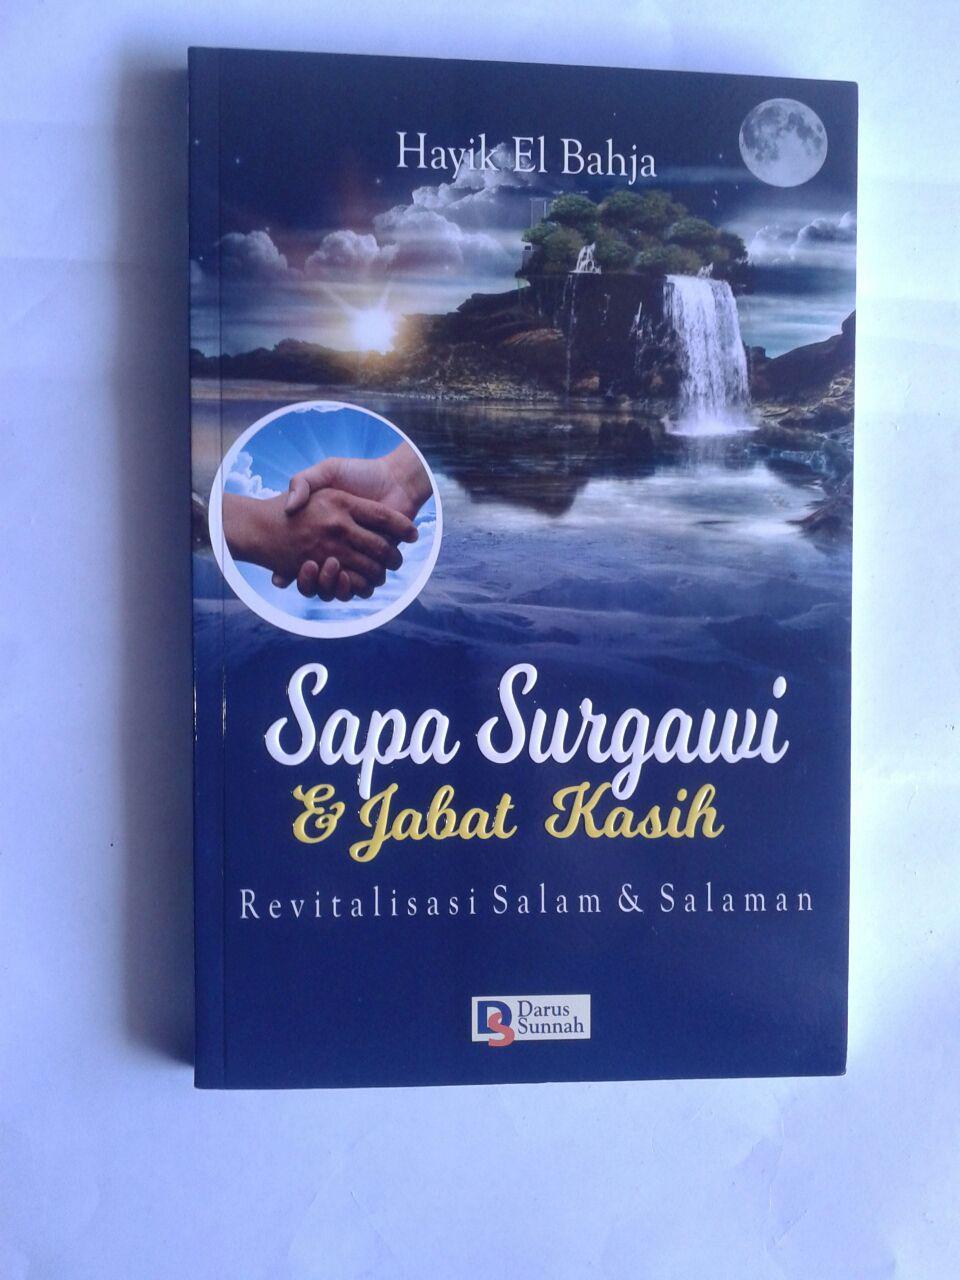 Buku Sapa Surgawi Dan Jabat Kasih Revitalisasi Salam cover